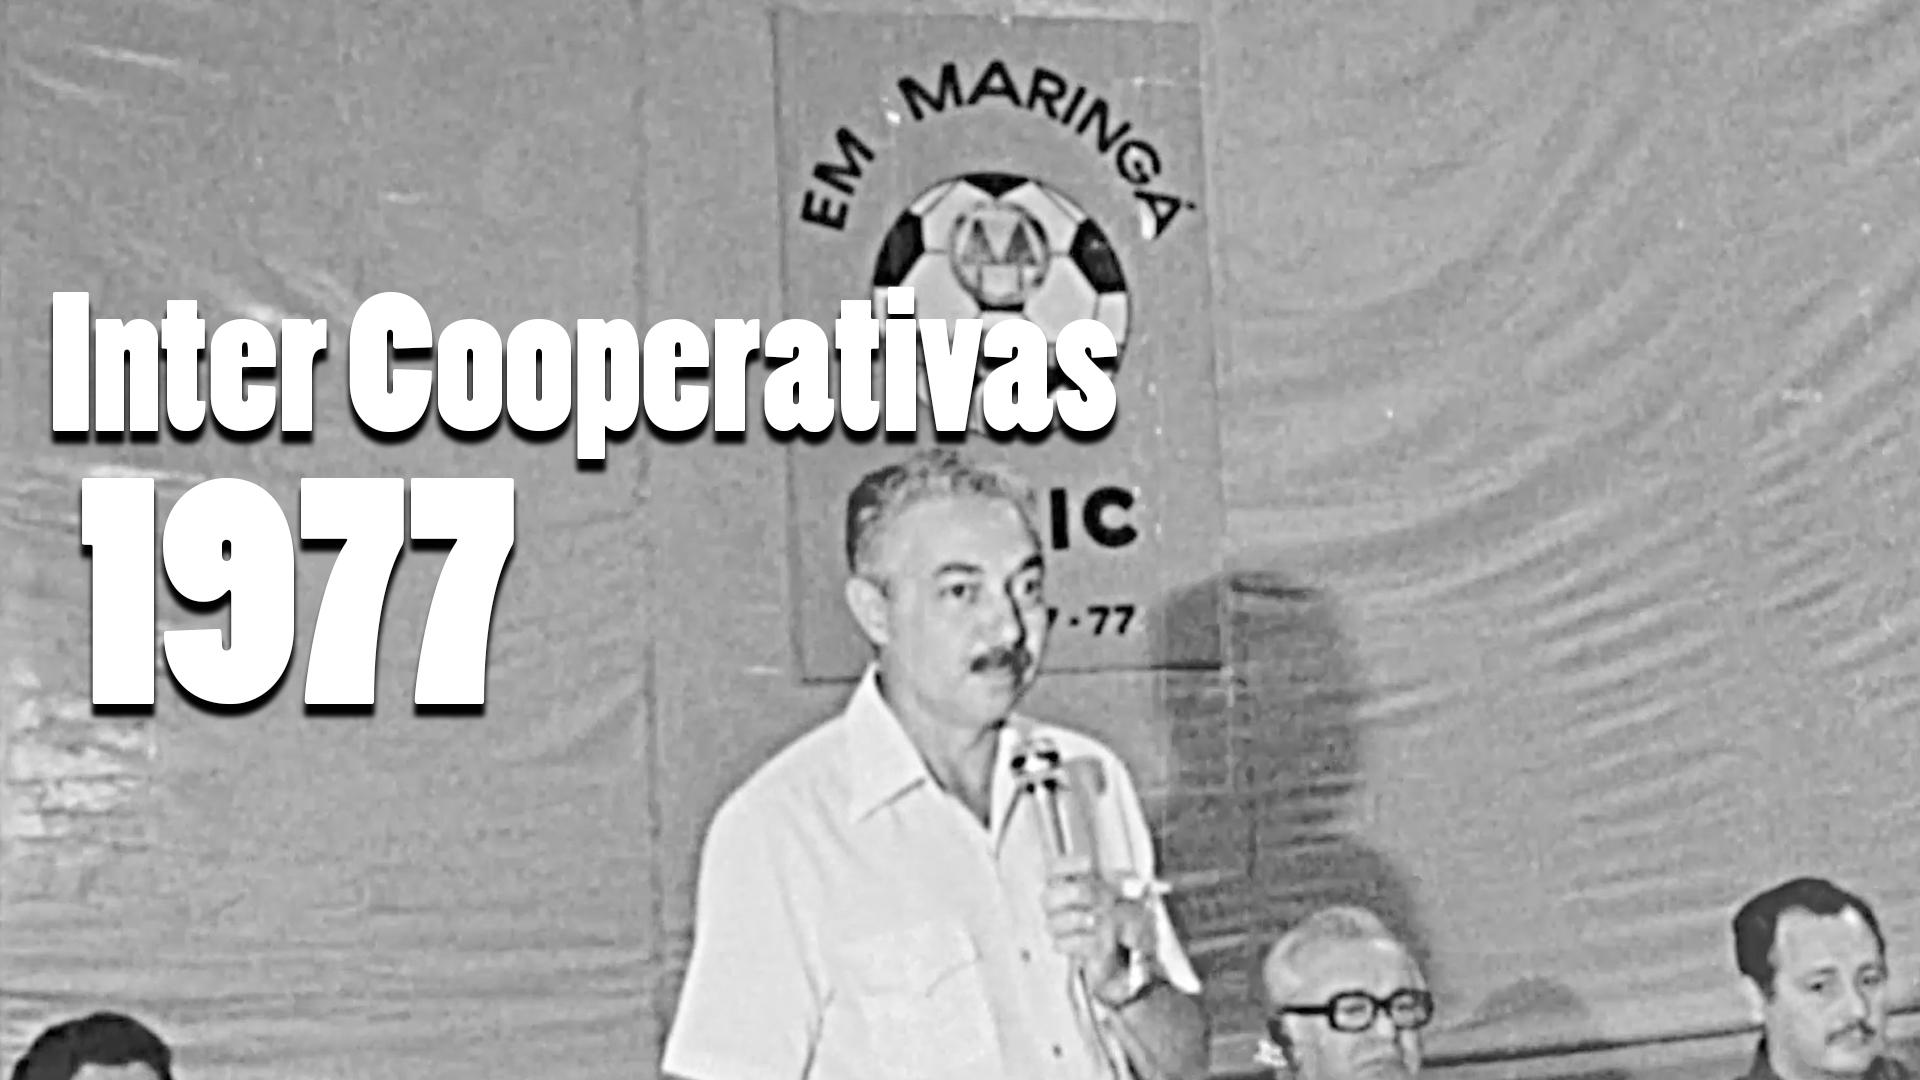 RARIDADE - Torneio Inter Cooperativas em 1977